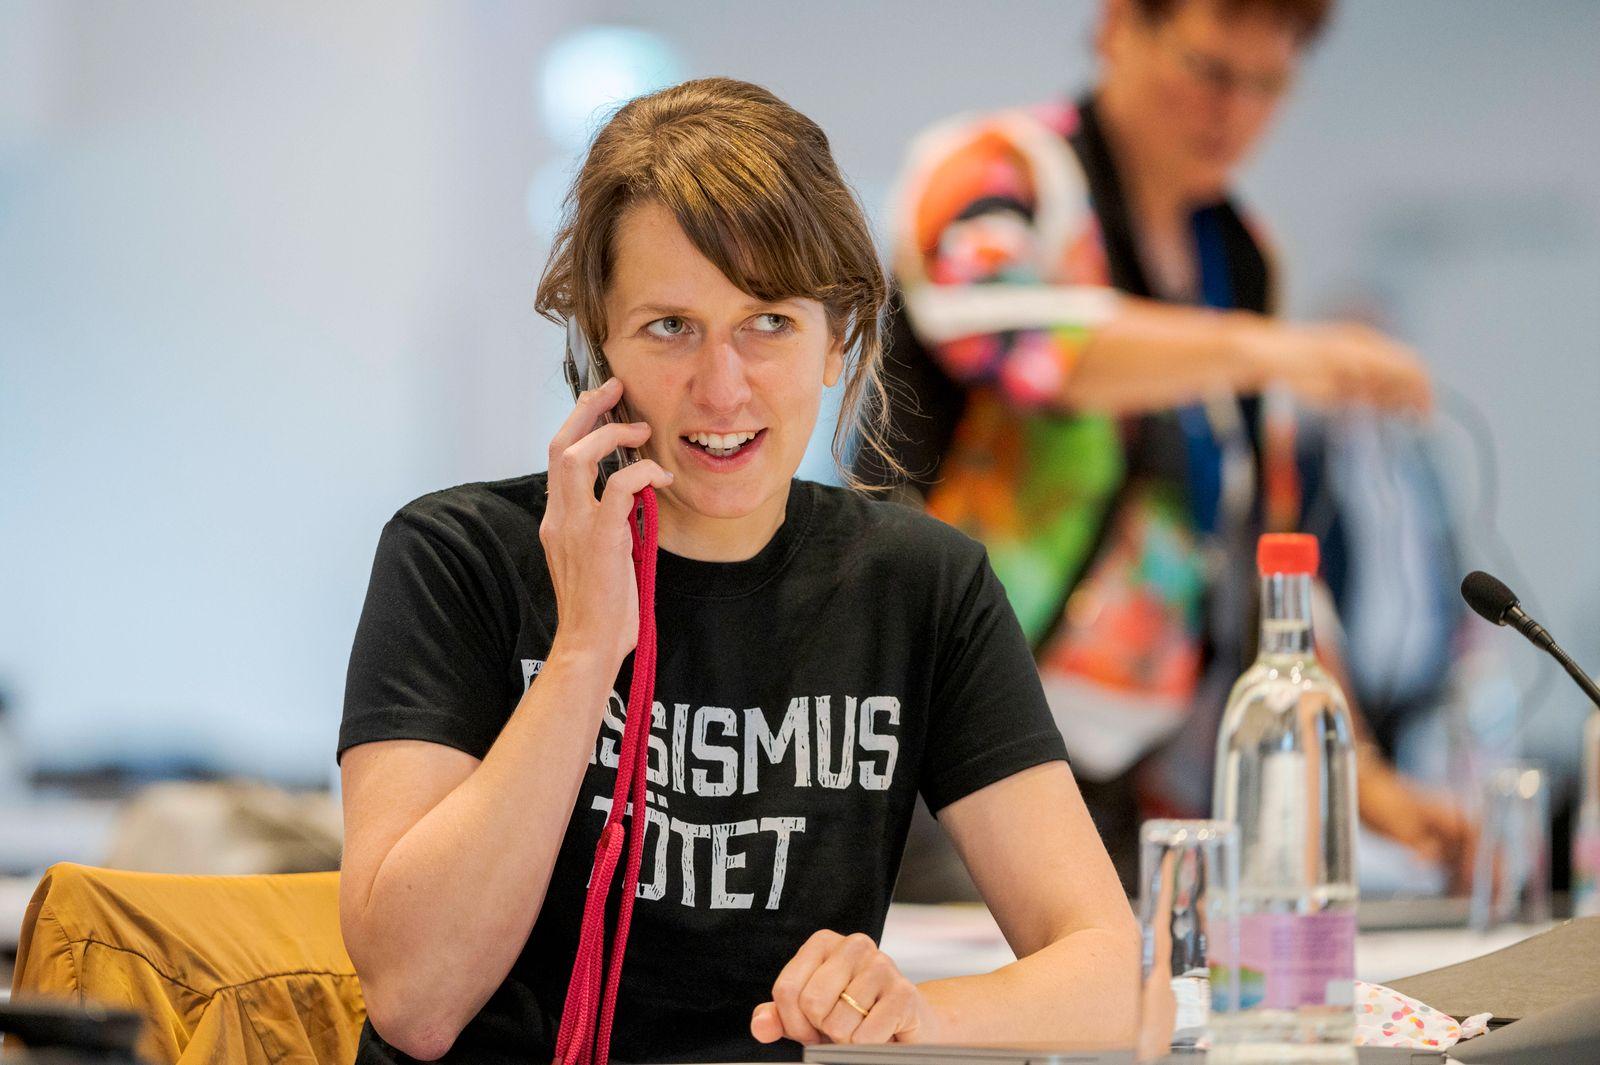 THÜRINGER LANDTAG SONDERPLENUM 05/06/2020 - Erfurt: Diana Lehmann (SPD) trägt ein schwarzes T-Shirt mit Bezug zum Todes